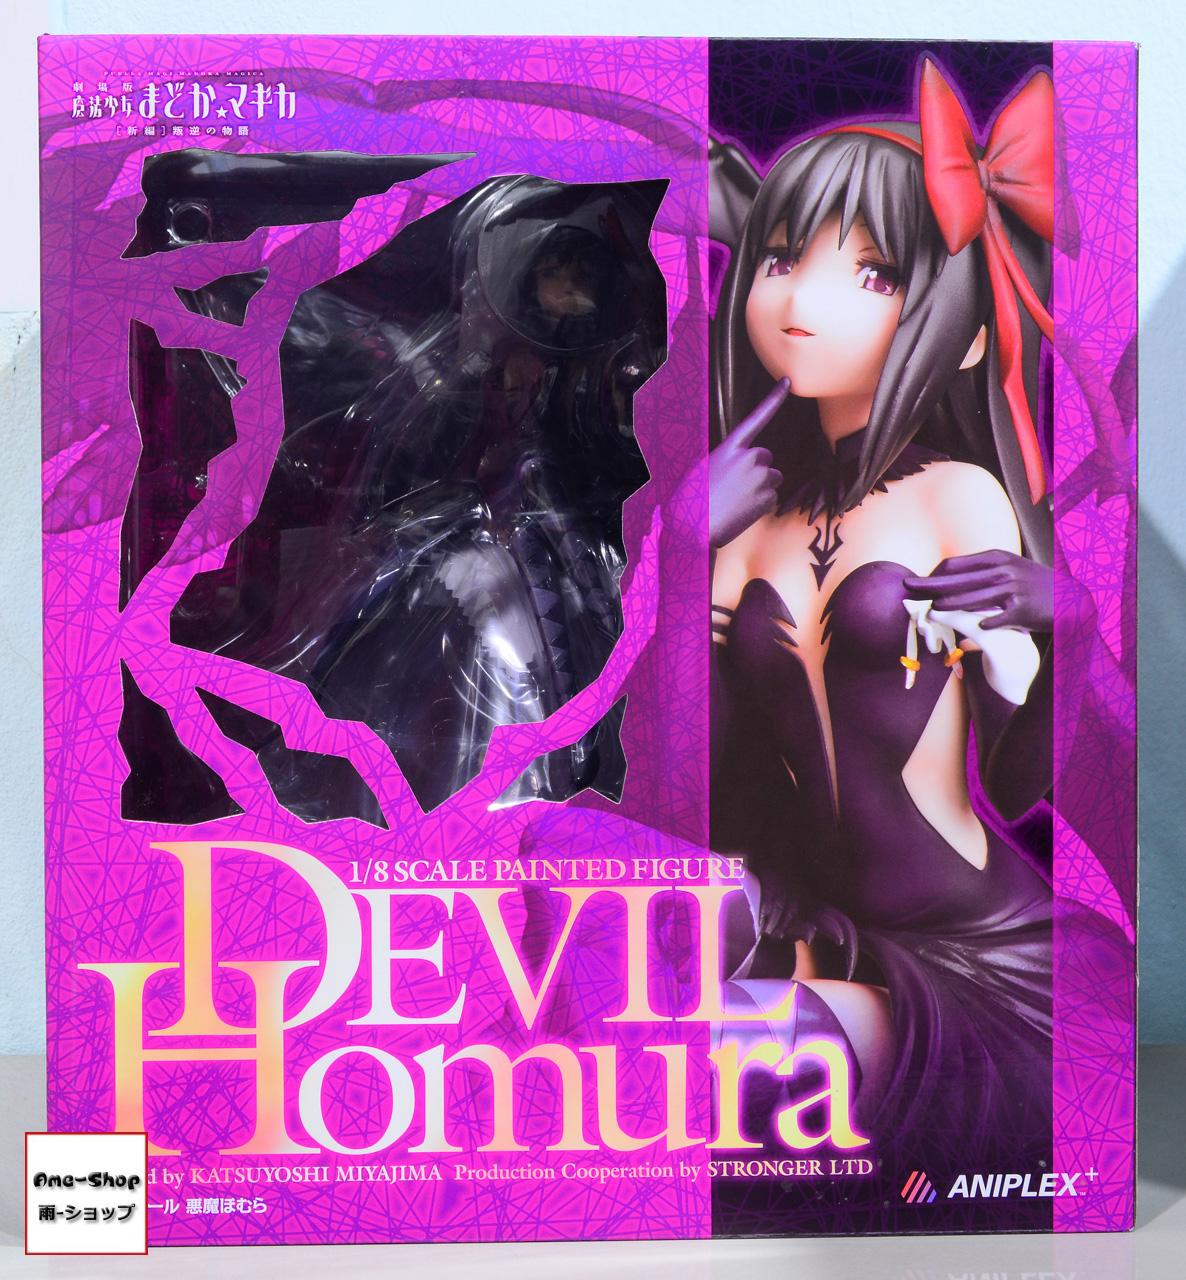 Puella Magi Madoka Magica -Devil Homura-